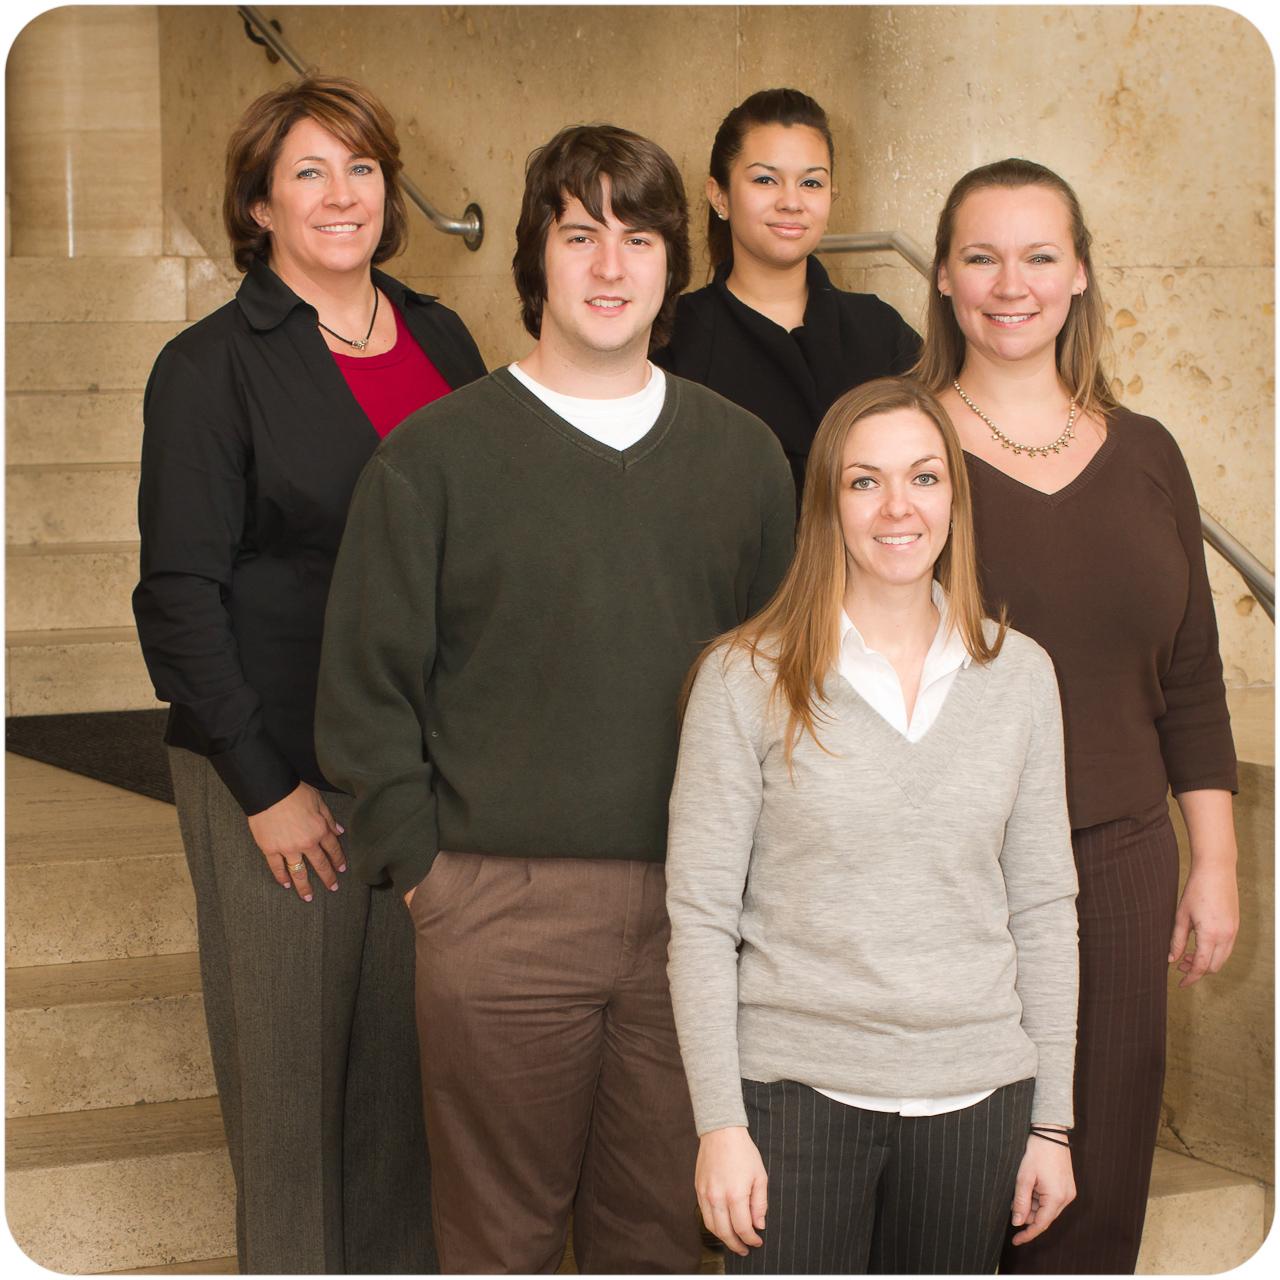 OIT Help Desk Staff 2013